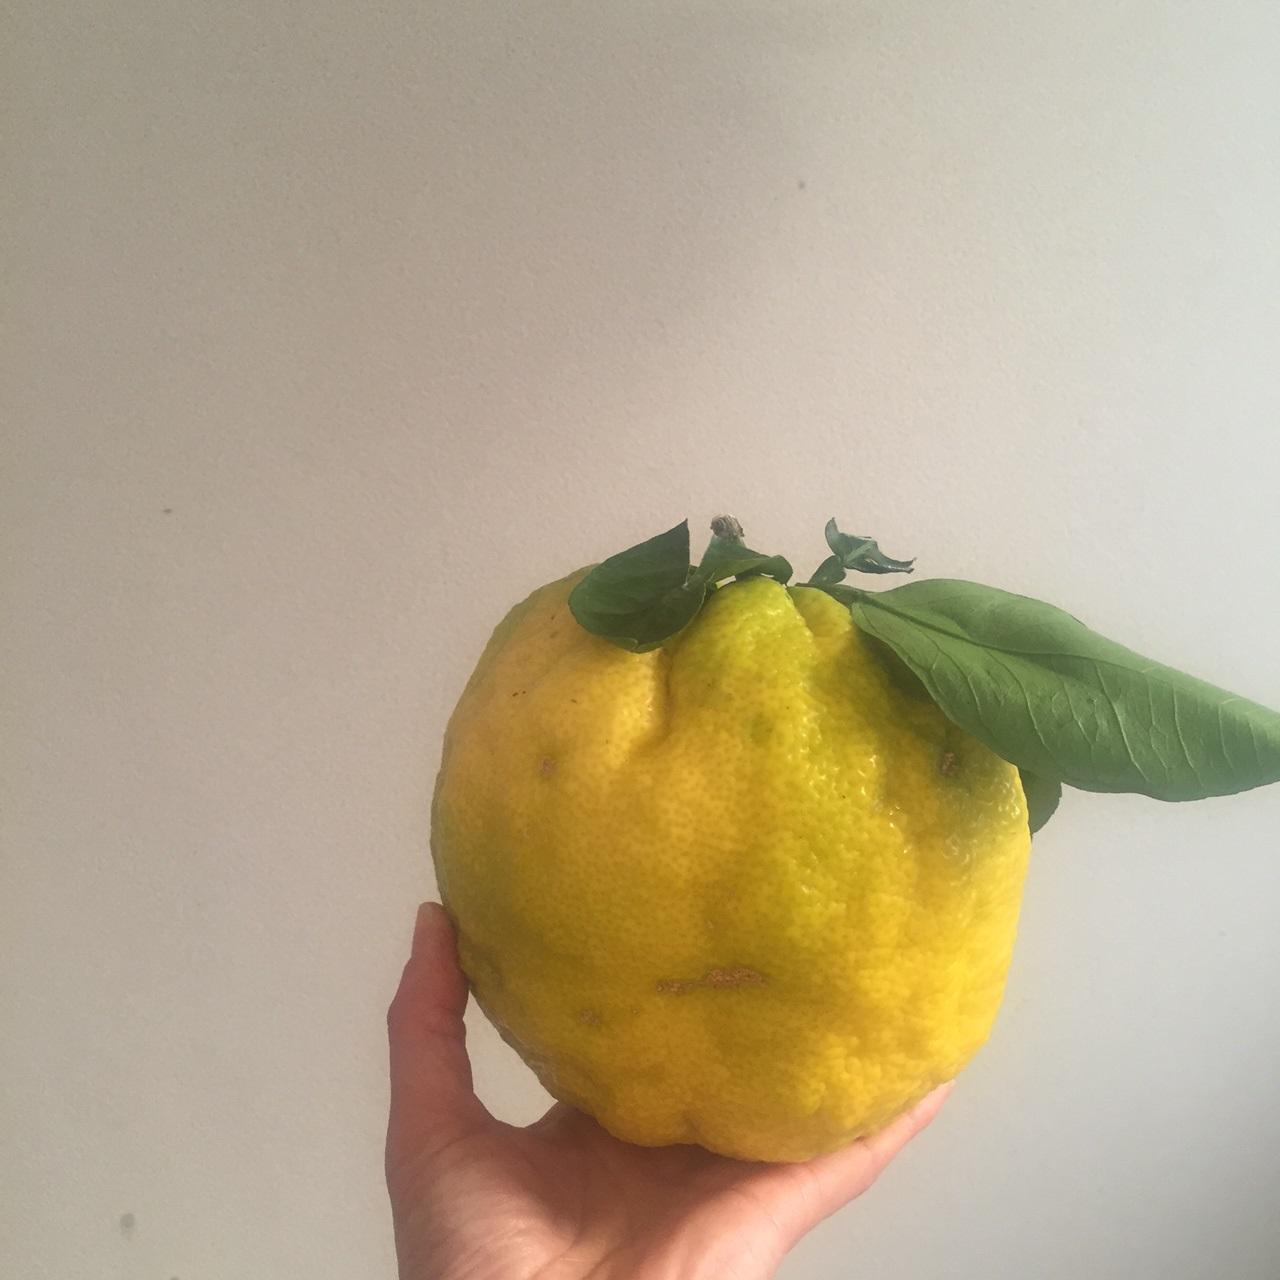 獅子柚子 柚子 柚子ジャム